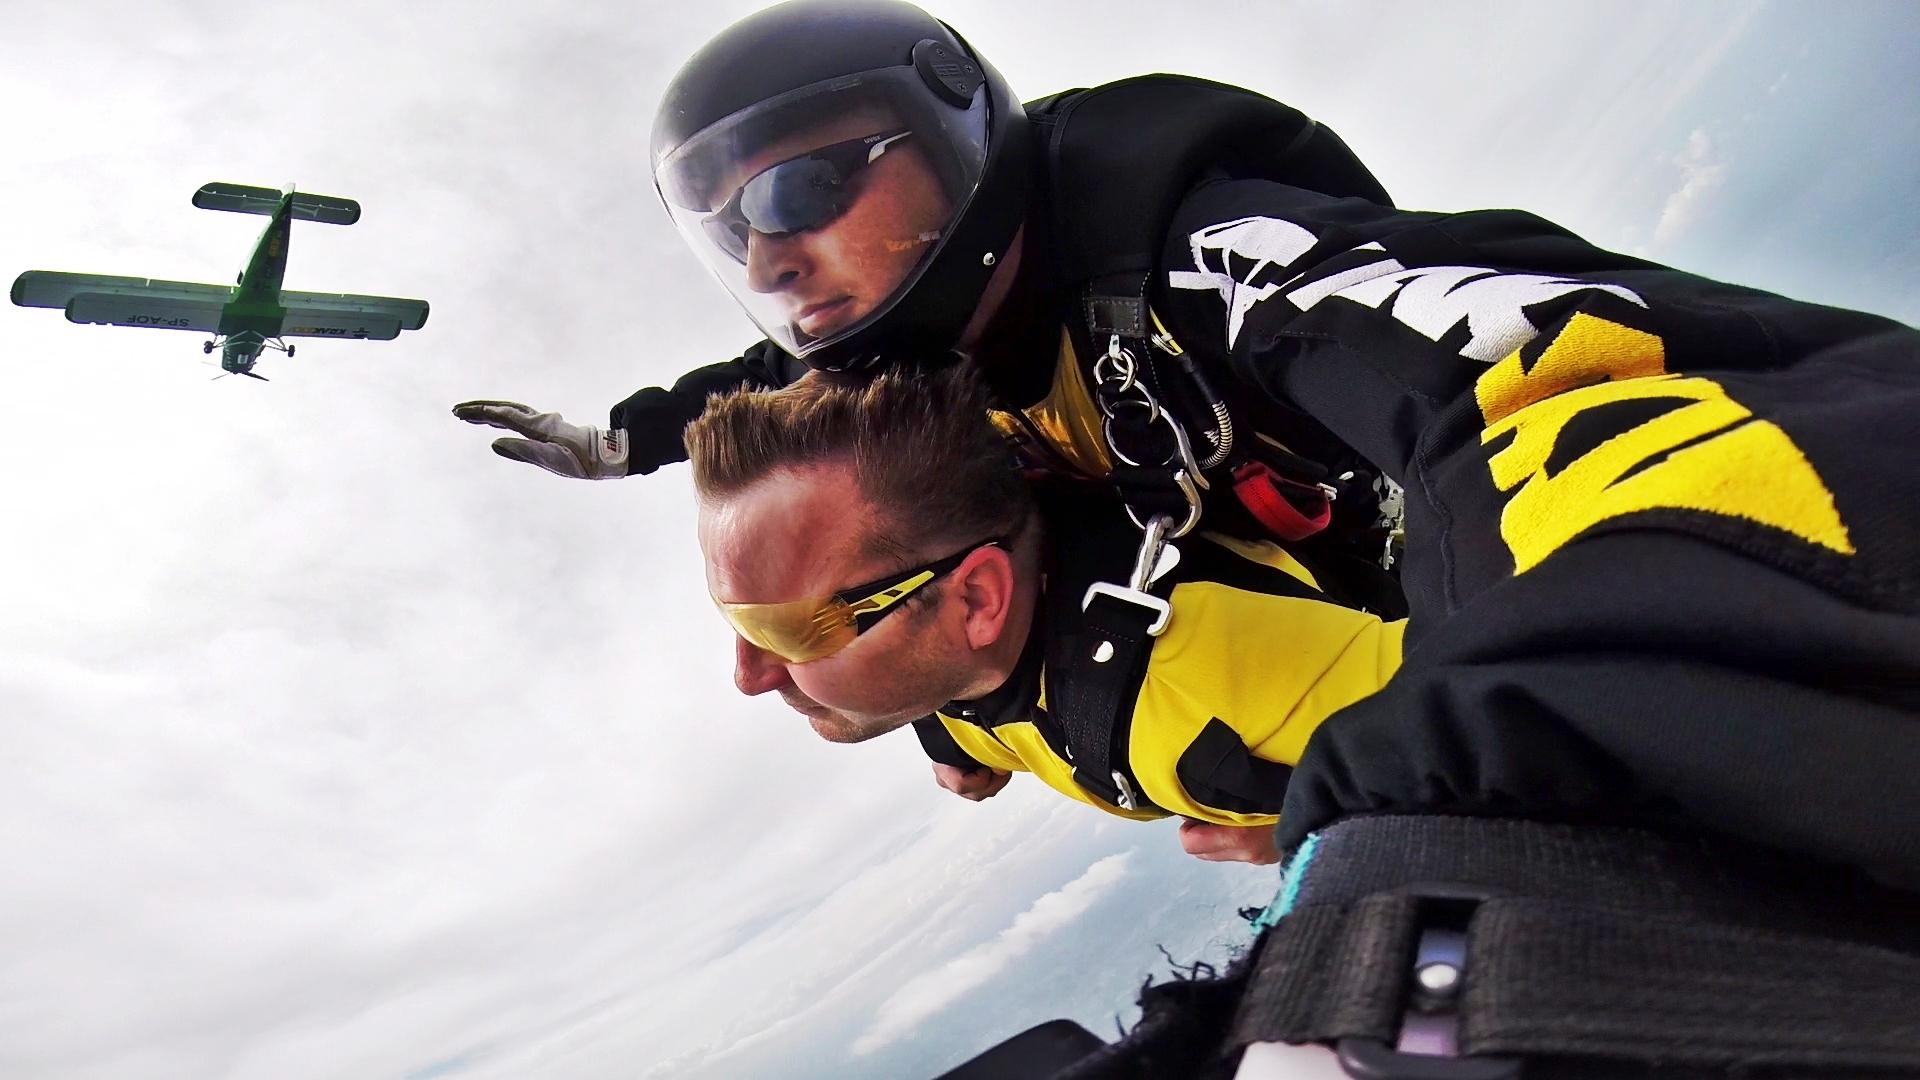 skoki spadochronowe kraków kraksy 11